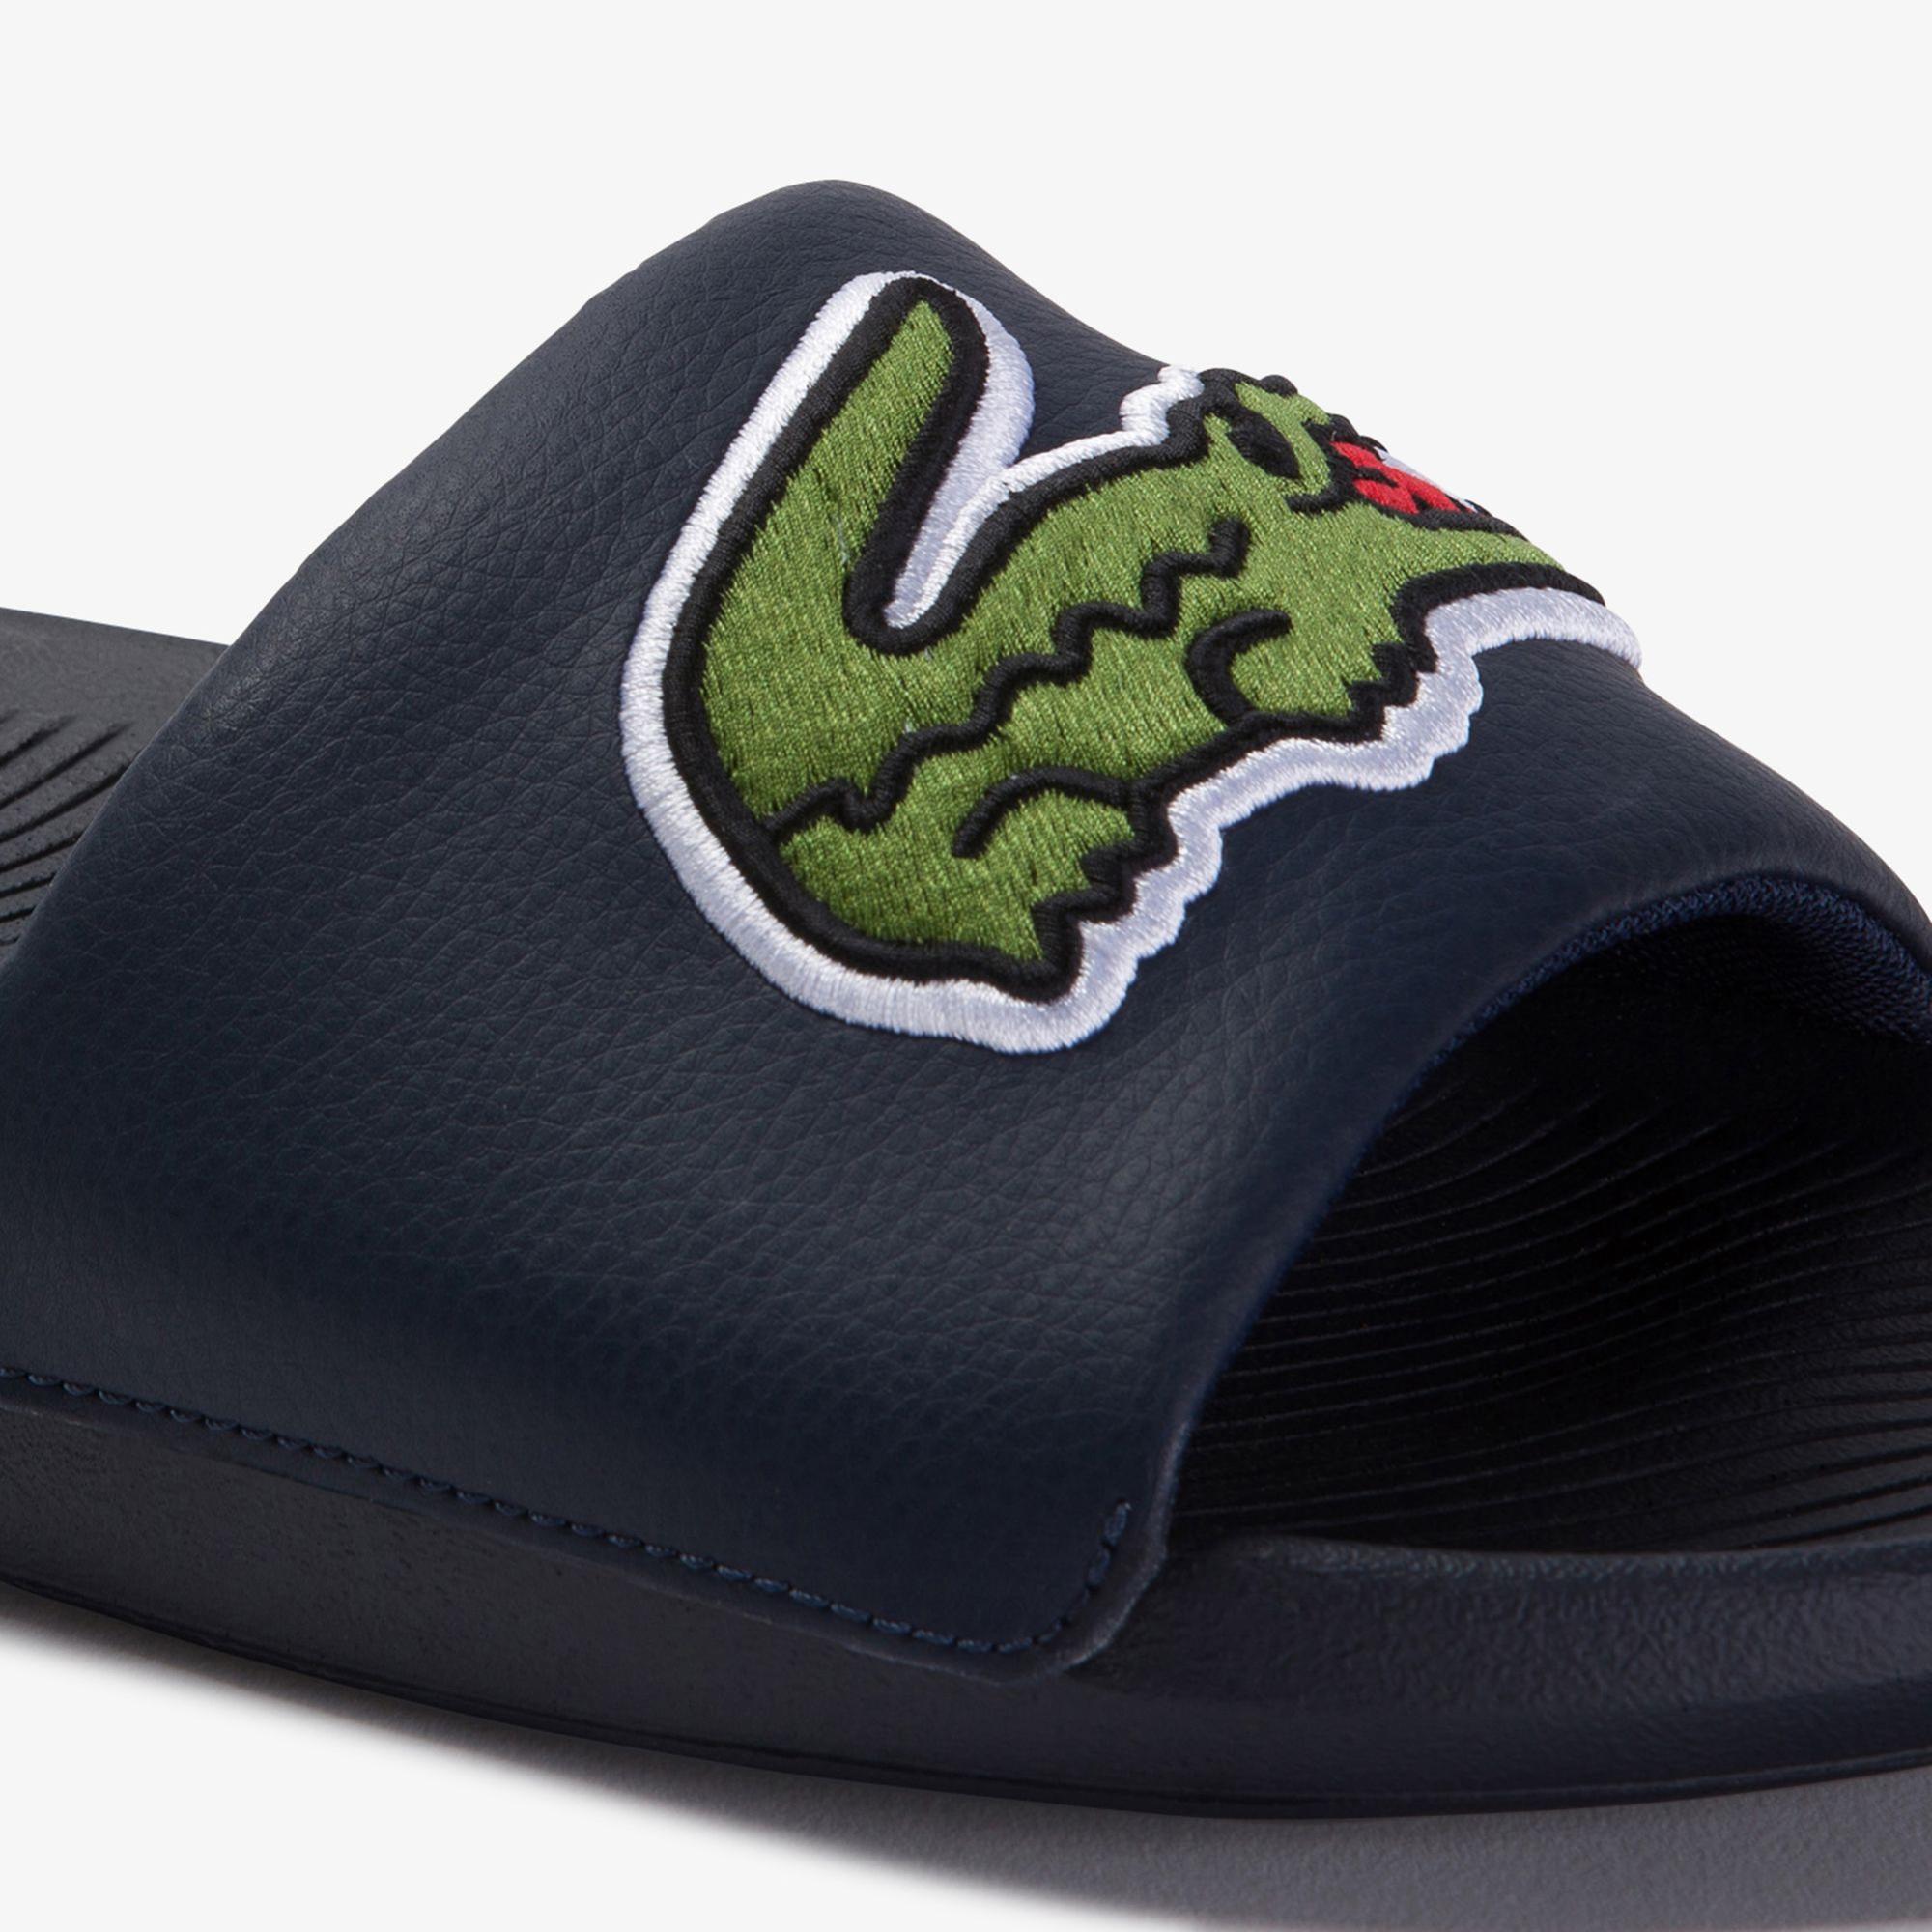 Lacoste Croco Slide 120 US CMA Erkek Timsah Baskılı Lacivert Terlik